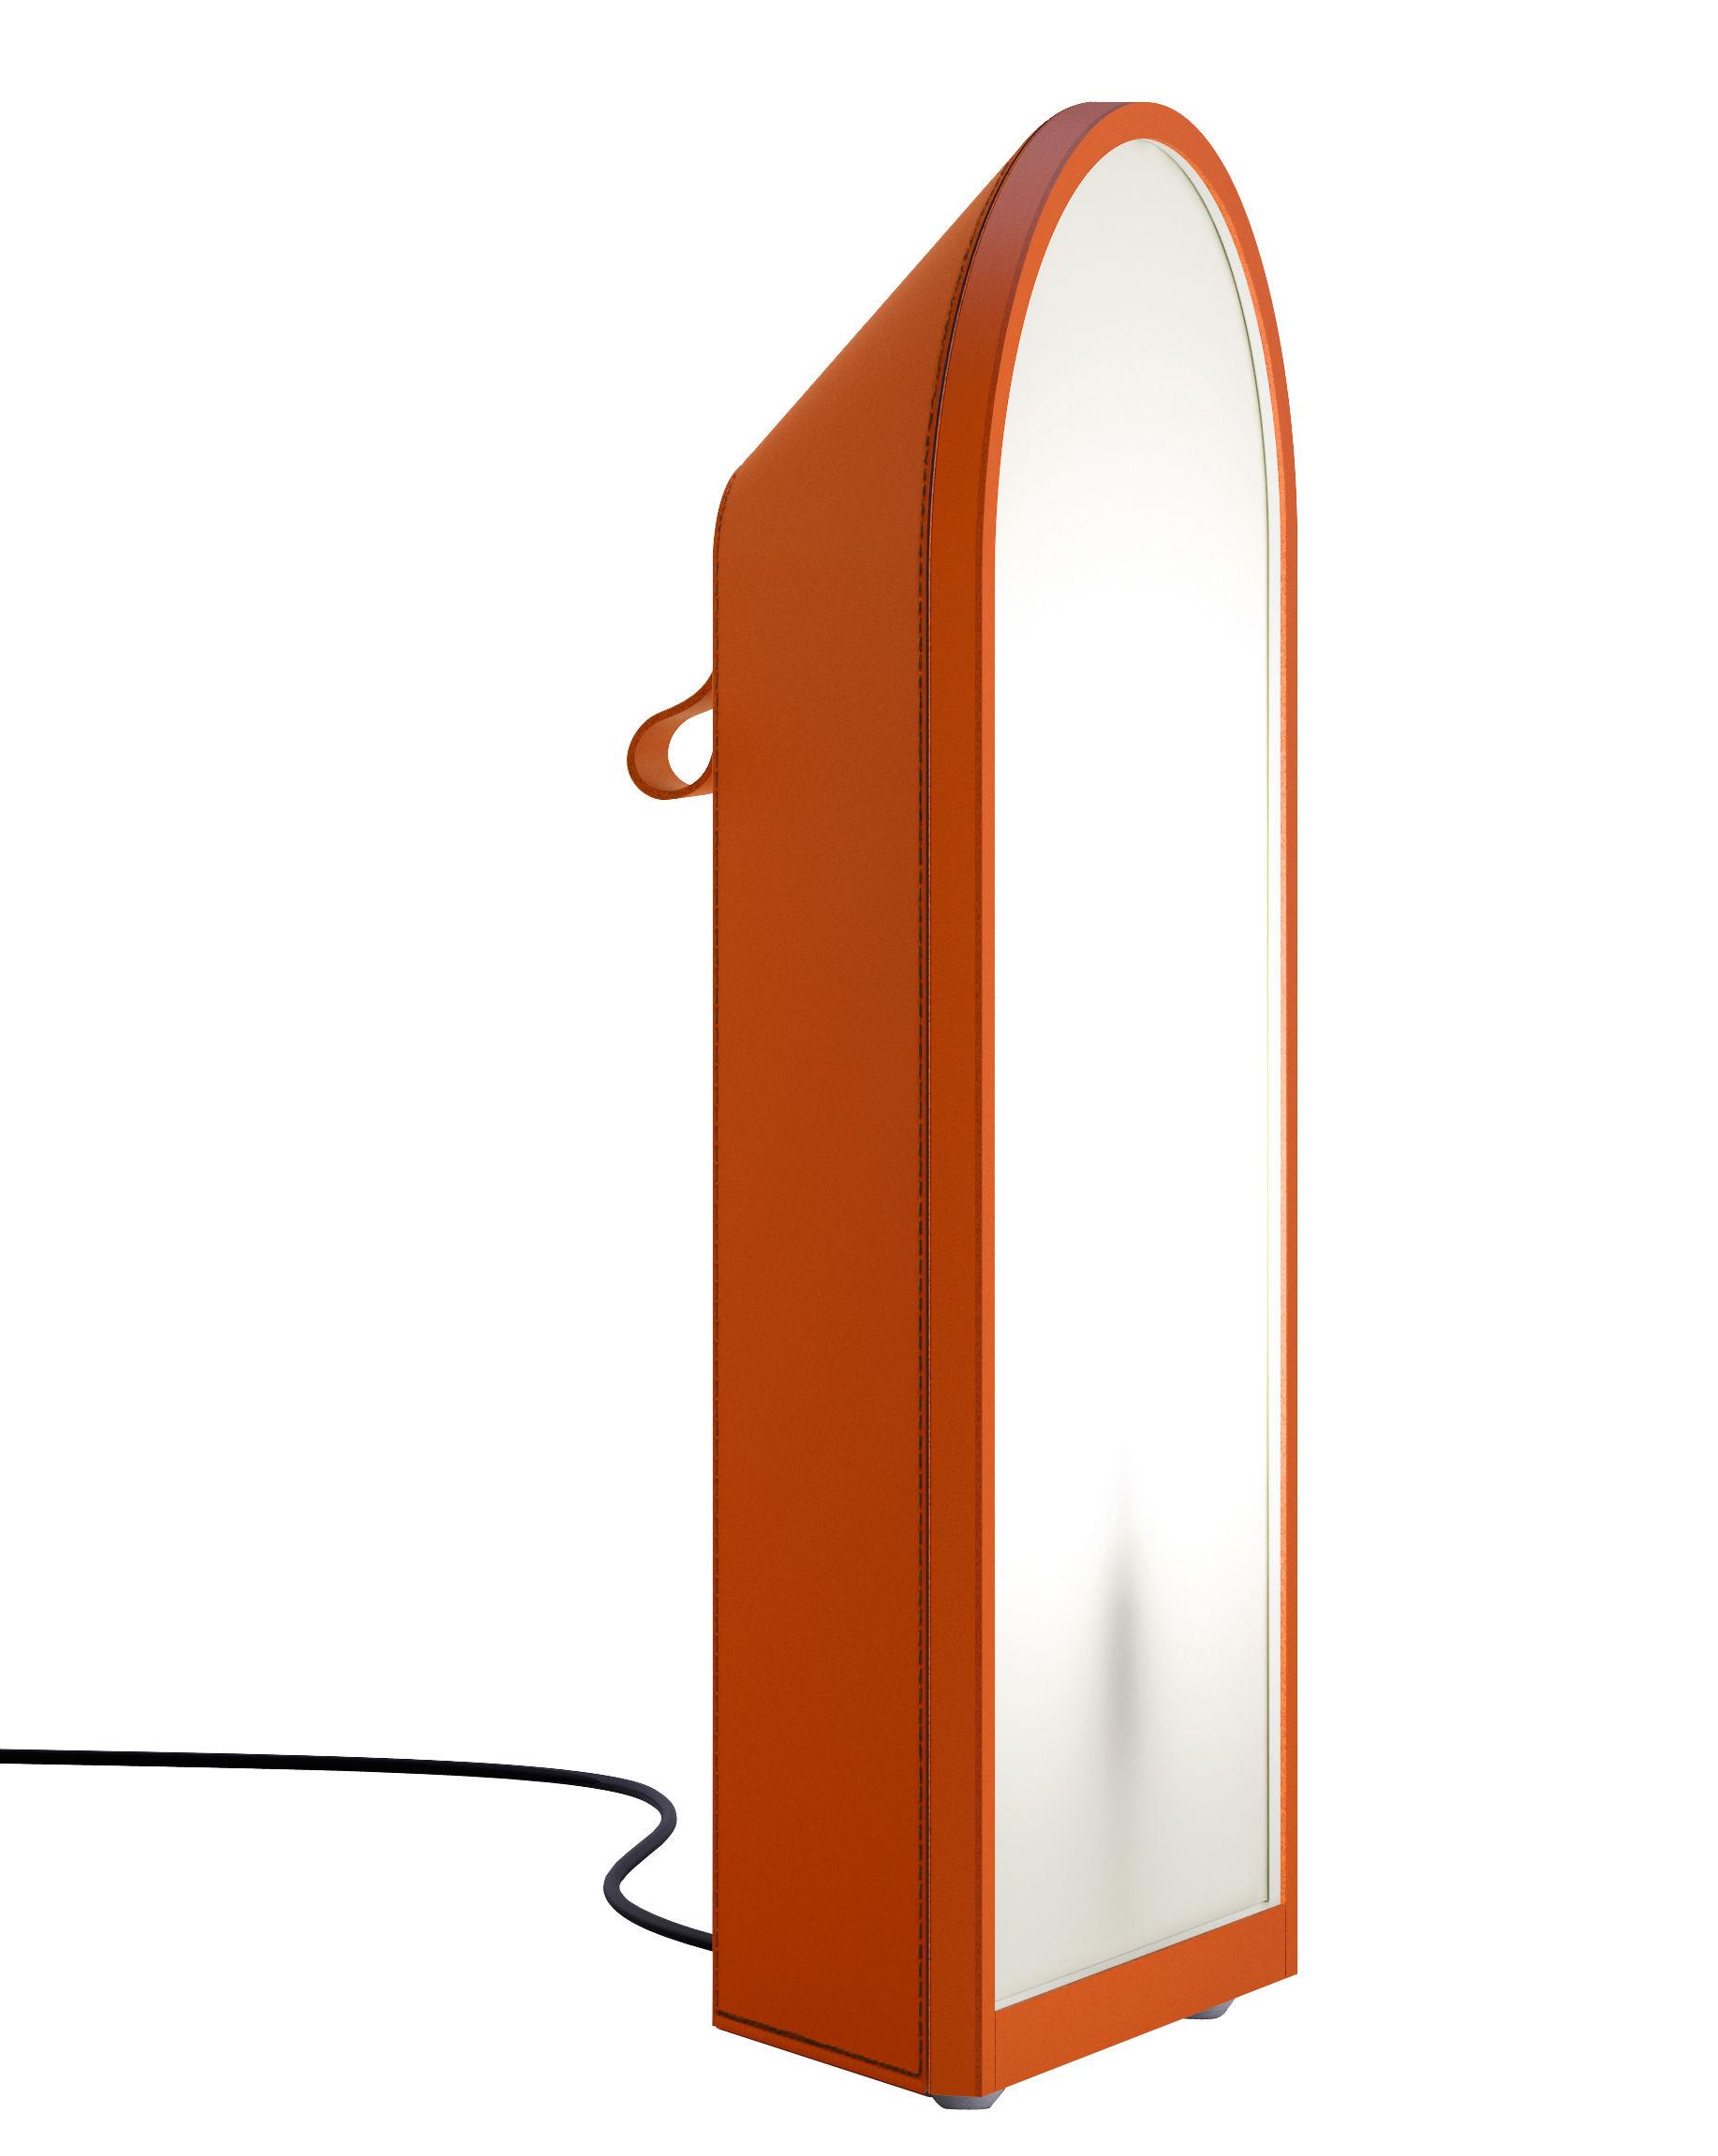 Illuminazione - Lampade da tavolo - Lampada da posa Odeon - / H 64 cm - In cuoio di Fontana Arte - Arancione / Cuciture nere - Pelle, policarbonato